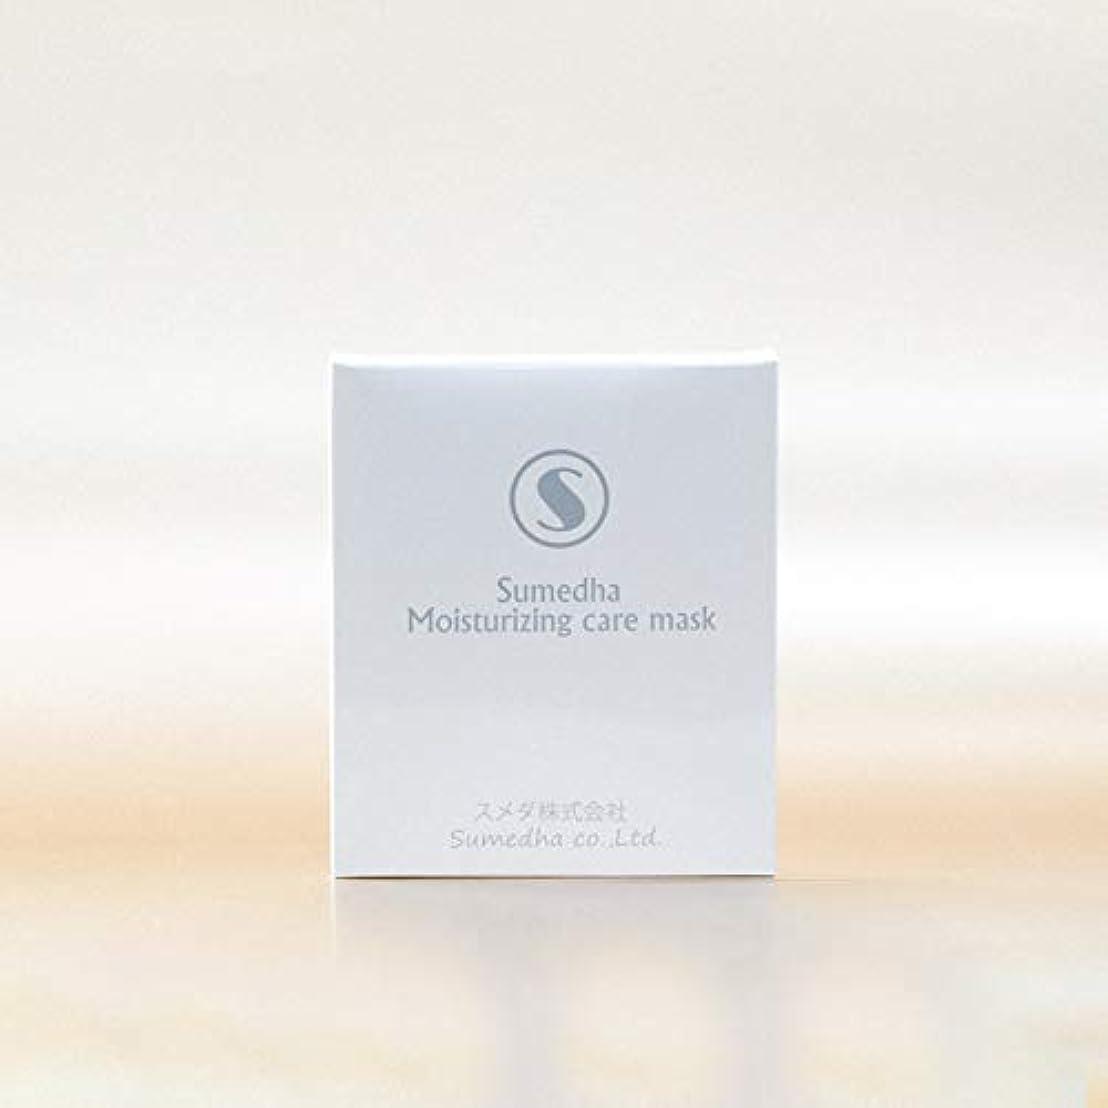 蒸発する輝く誇大妄想フェイスマスク Sumedha パック 保湿マスク 日本製 マスク フェイスパック 3枚入り 美白 美容 アンチセンシティブ 角質層修復 保湿 補水 敏感肌 発赤 アレルギー緩和 コーセー (超保湿)